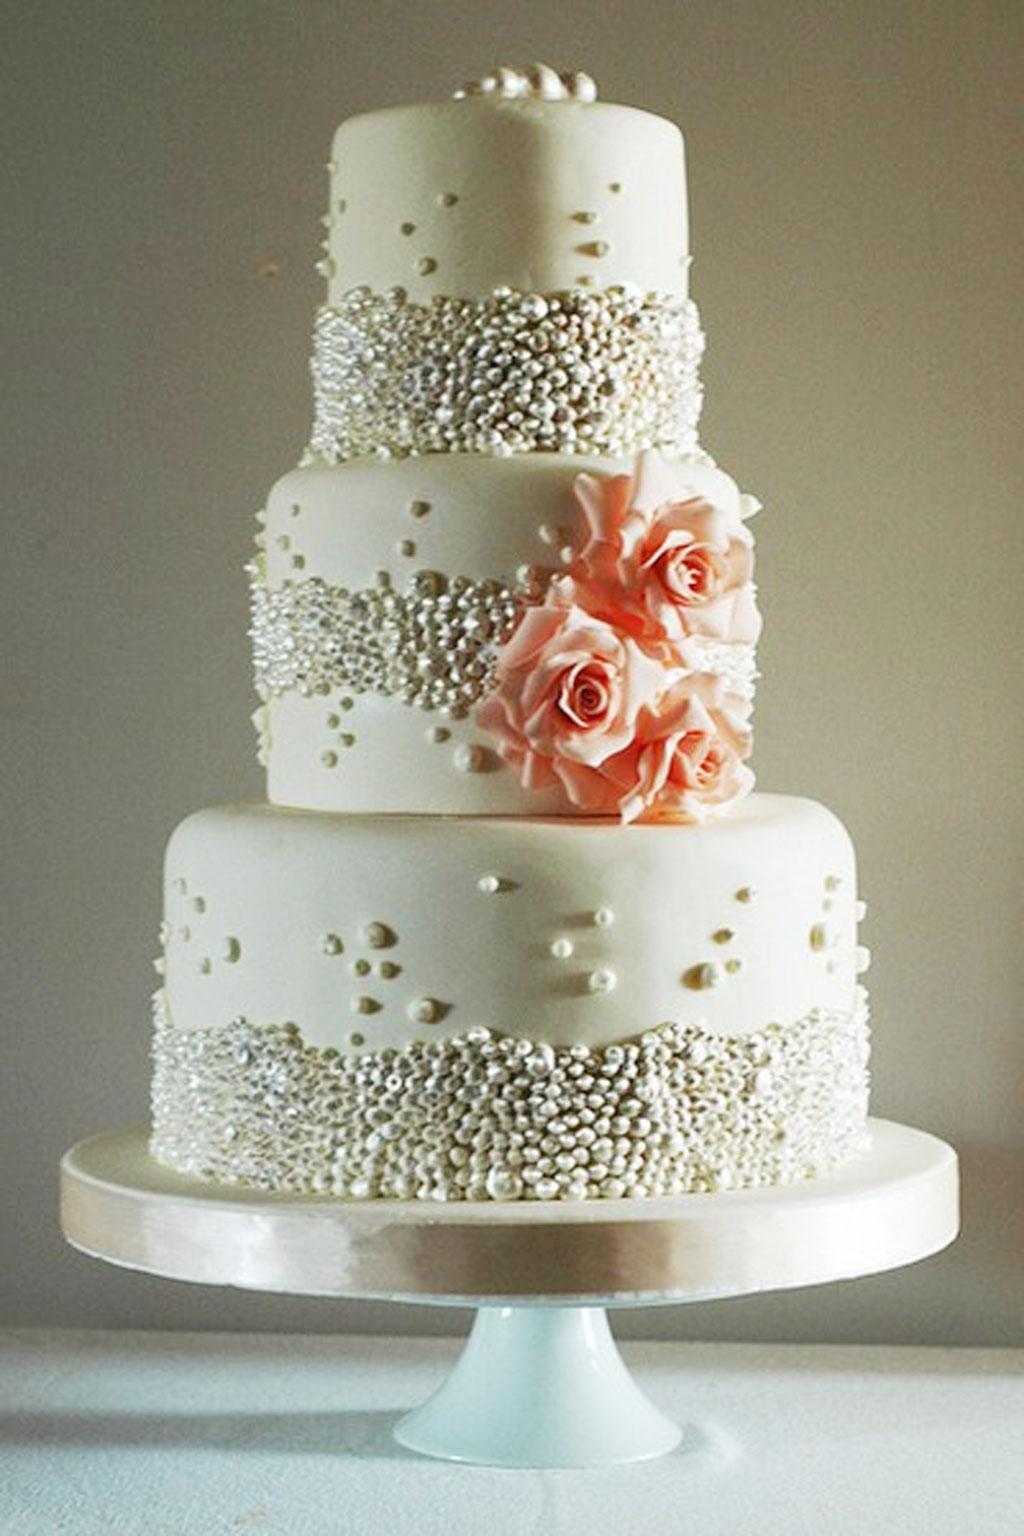 Howling Wedding Cake Beaded Wedding Cake Wedding Cake Cake Ideas By Wedding Cakes Design Wedding Cakes To Make At Home Beaded Wedding Cake wedding Simple Wedding Cakes